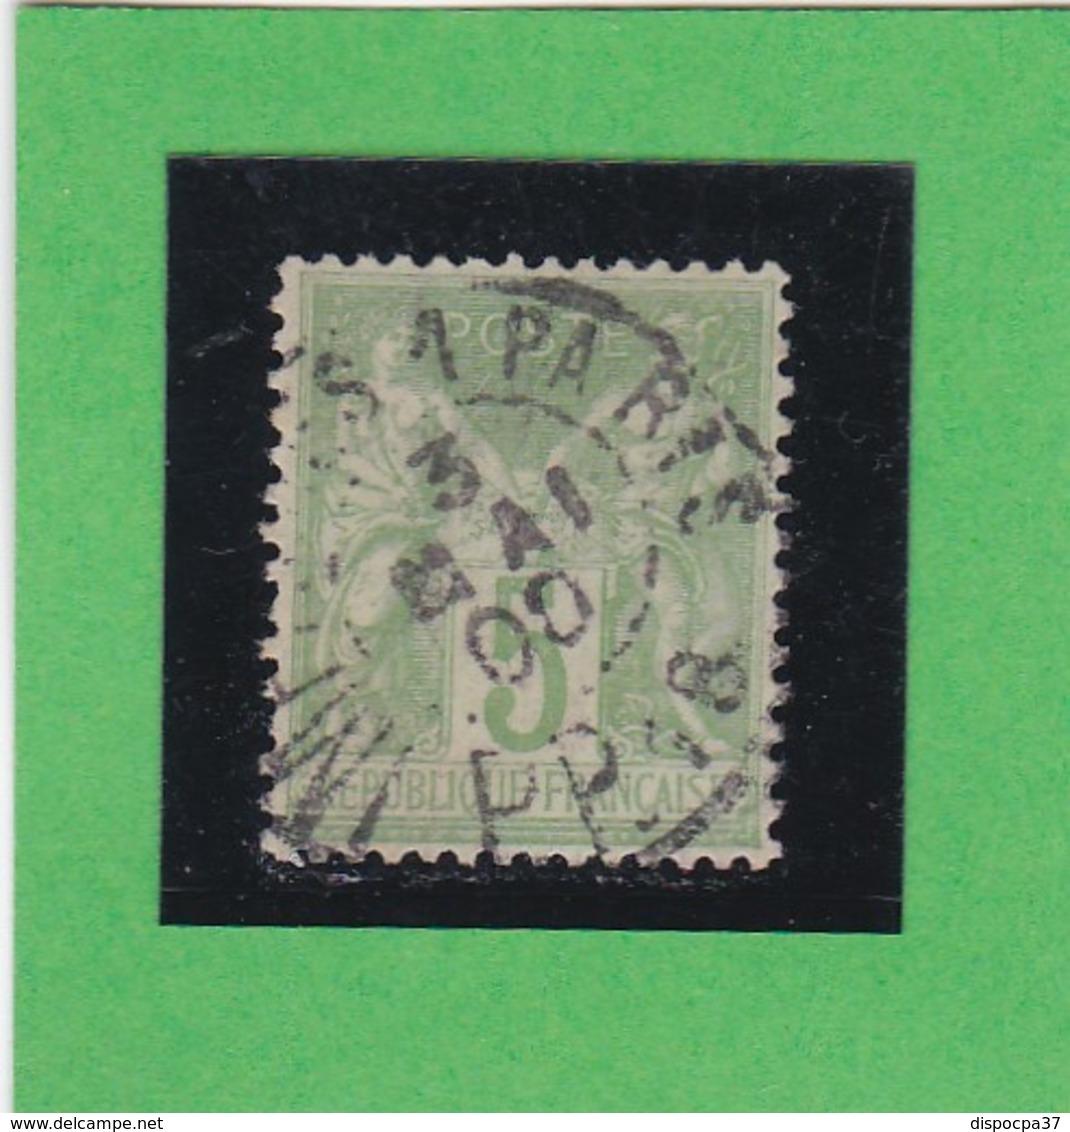 SAGE N° 102  Type III - CACHET A DATE  IMPRIMES PARIS PP18  - 3 MAI 1900- 1602 - Cachet Très Bien Centré - 1898-1900 Sage (Type III)